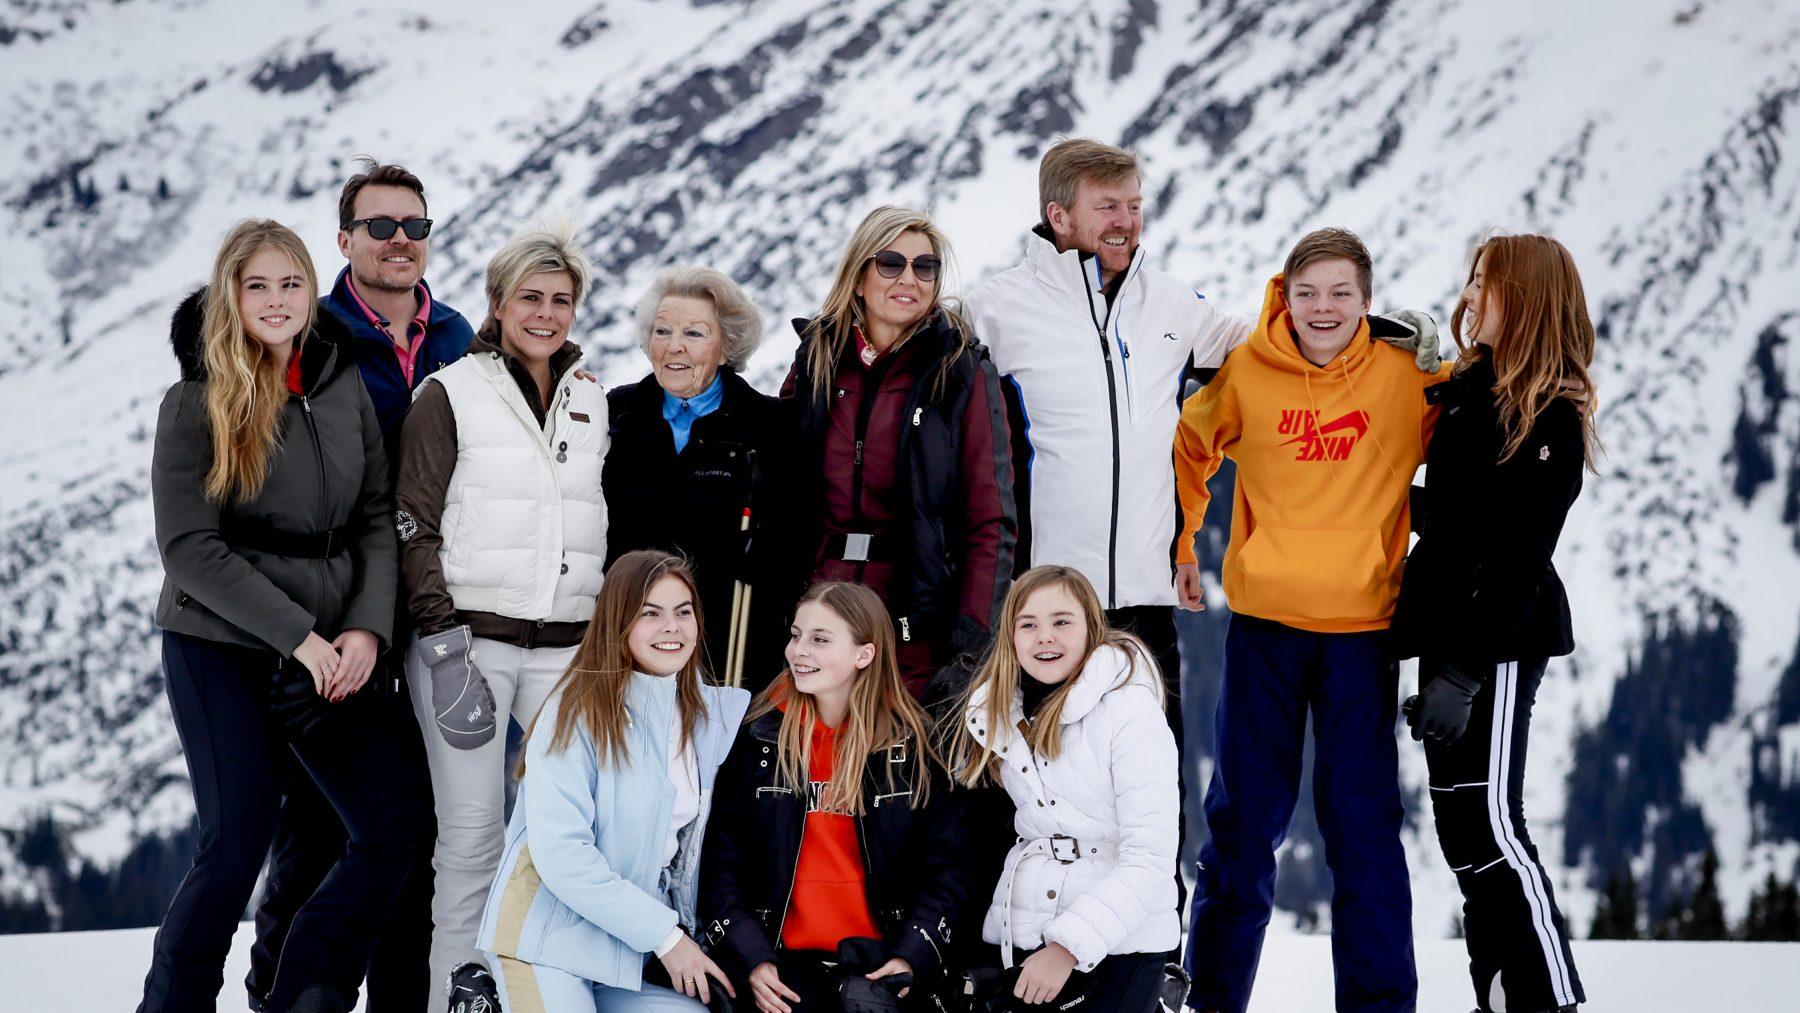 Daar zijn ze weer: De koninklijke familie poseert stralend in Lech